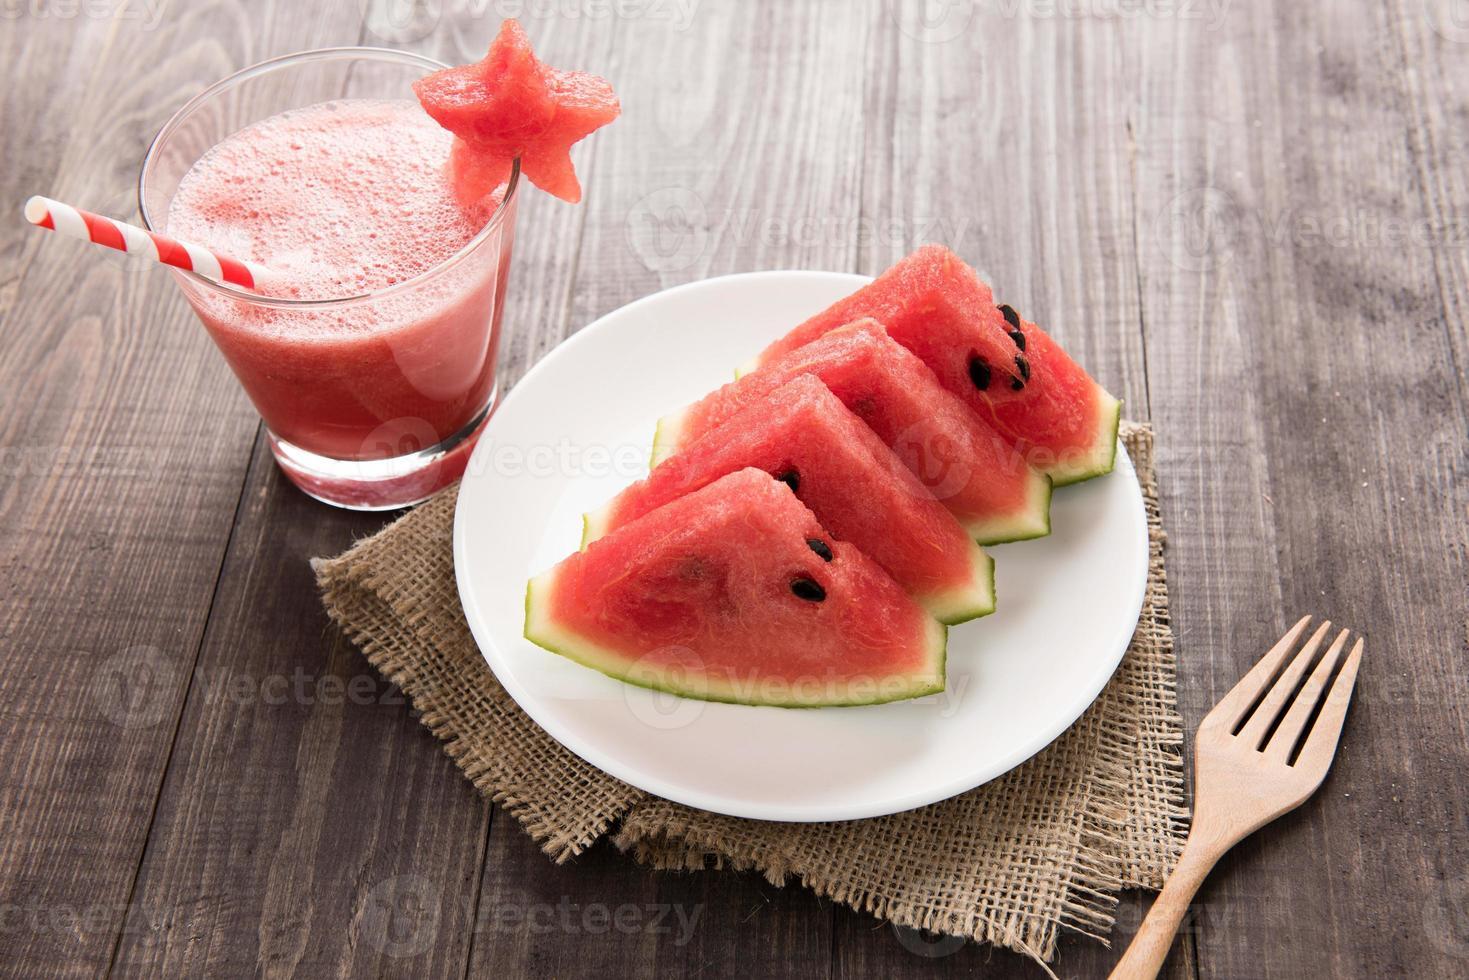 gesunde Scheibe Wassermelone mit Wassermelonen-Smoothie auf einem Holzrücken foto